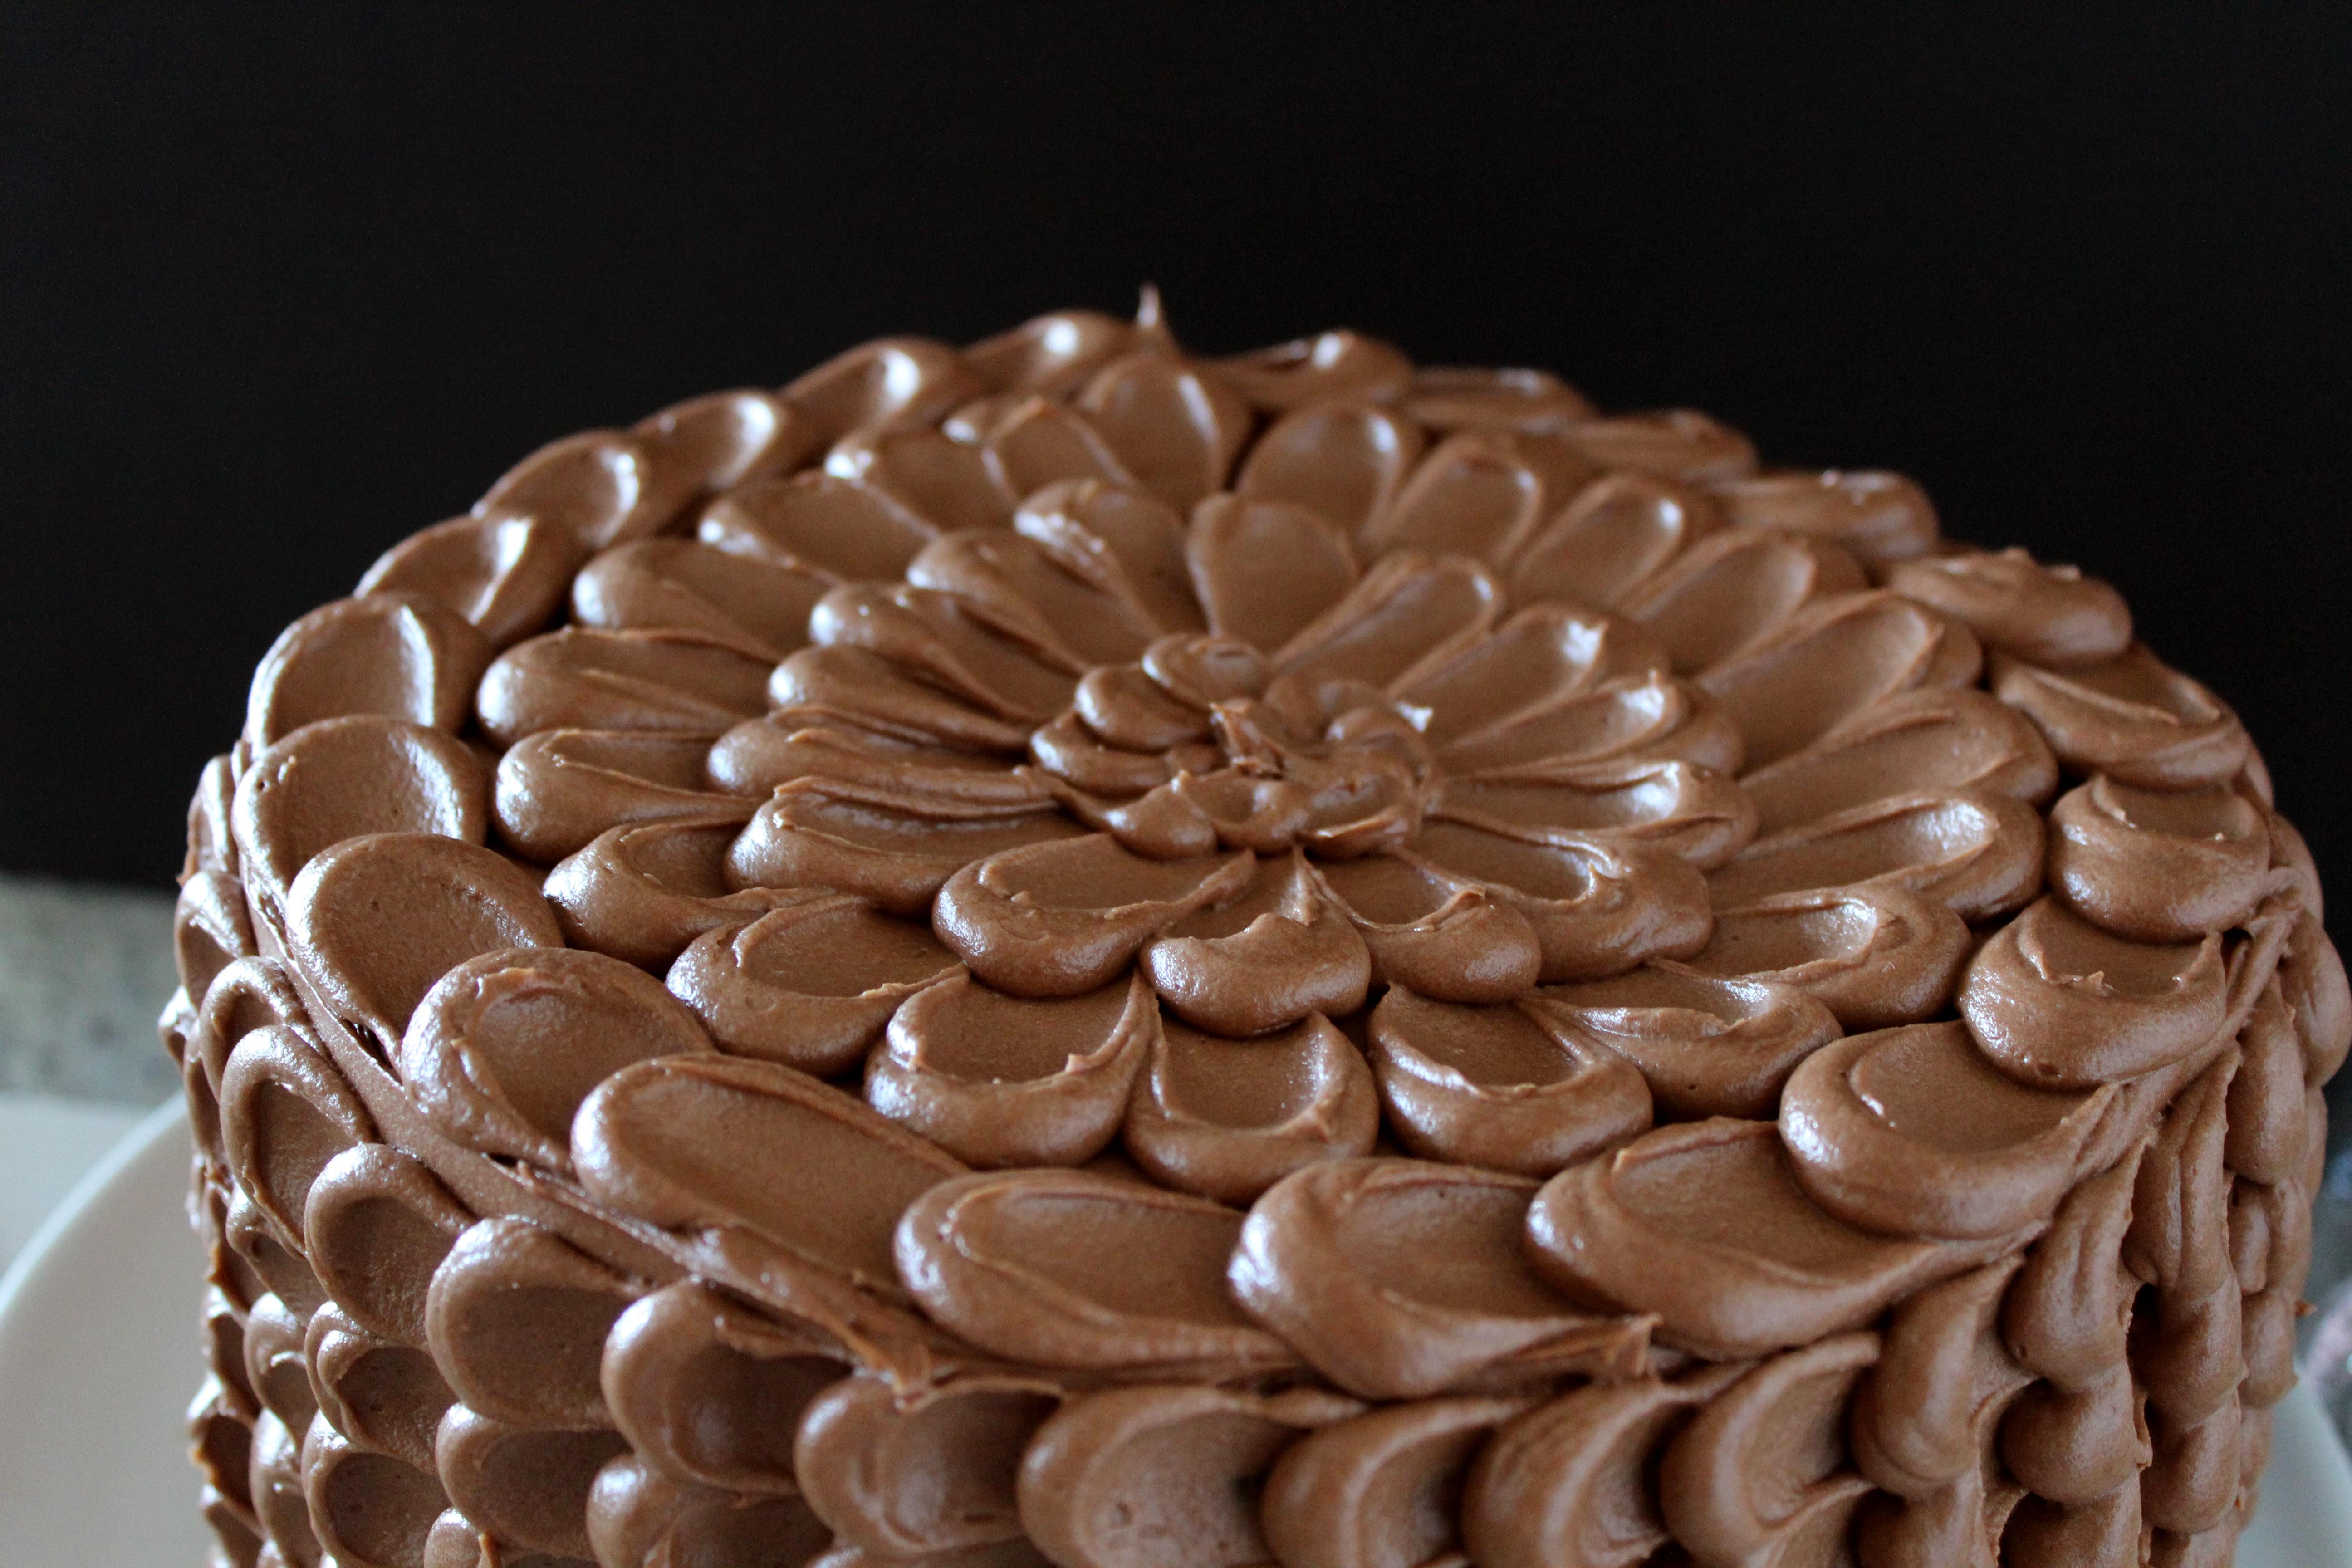 Chocolate Pinata Birthday Cake Filled with Muddy Buddies for My